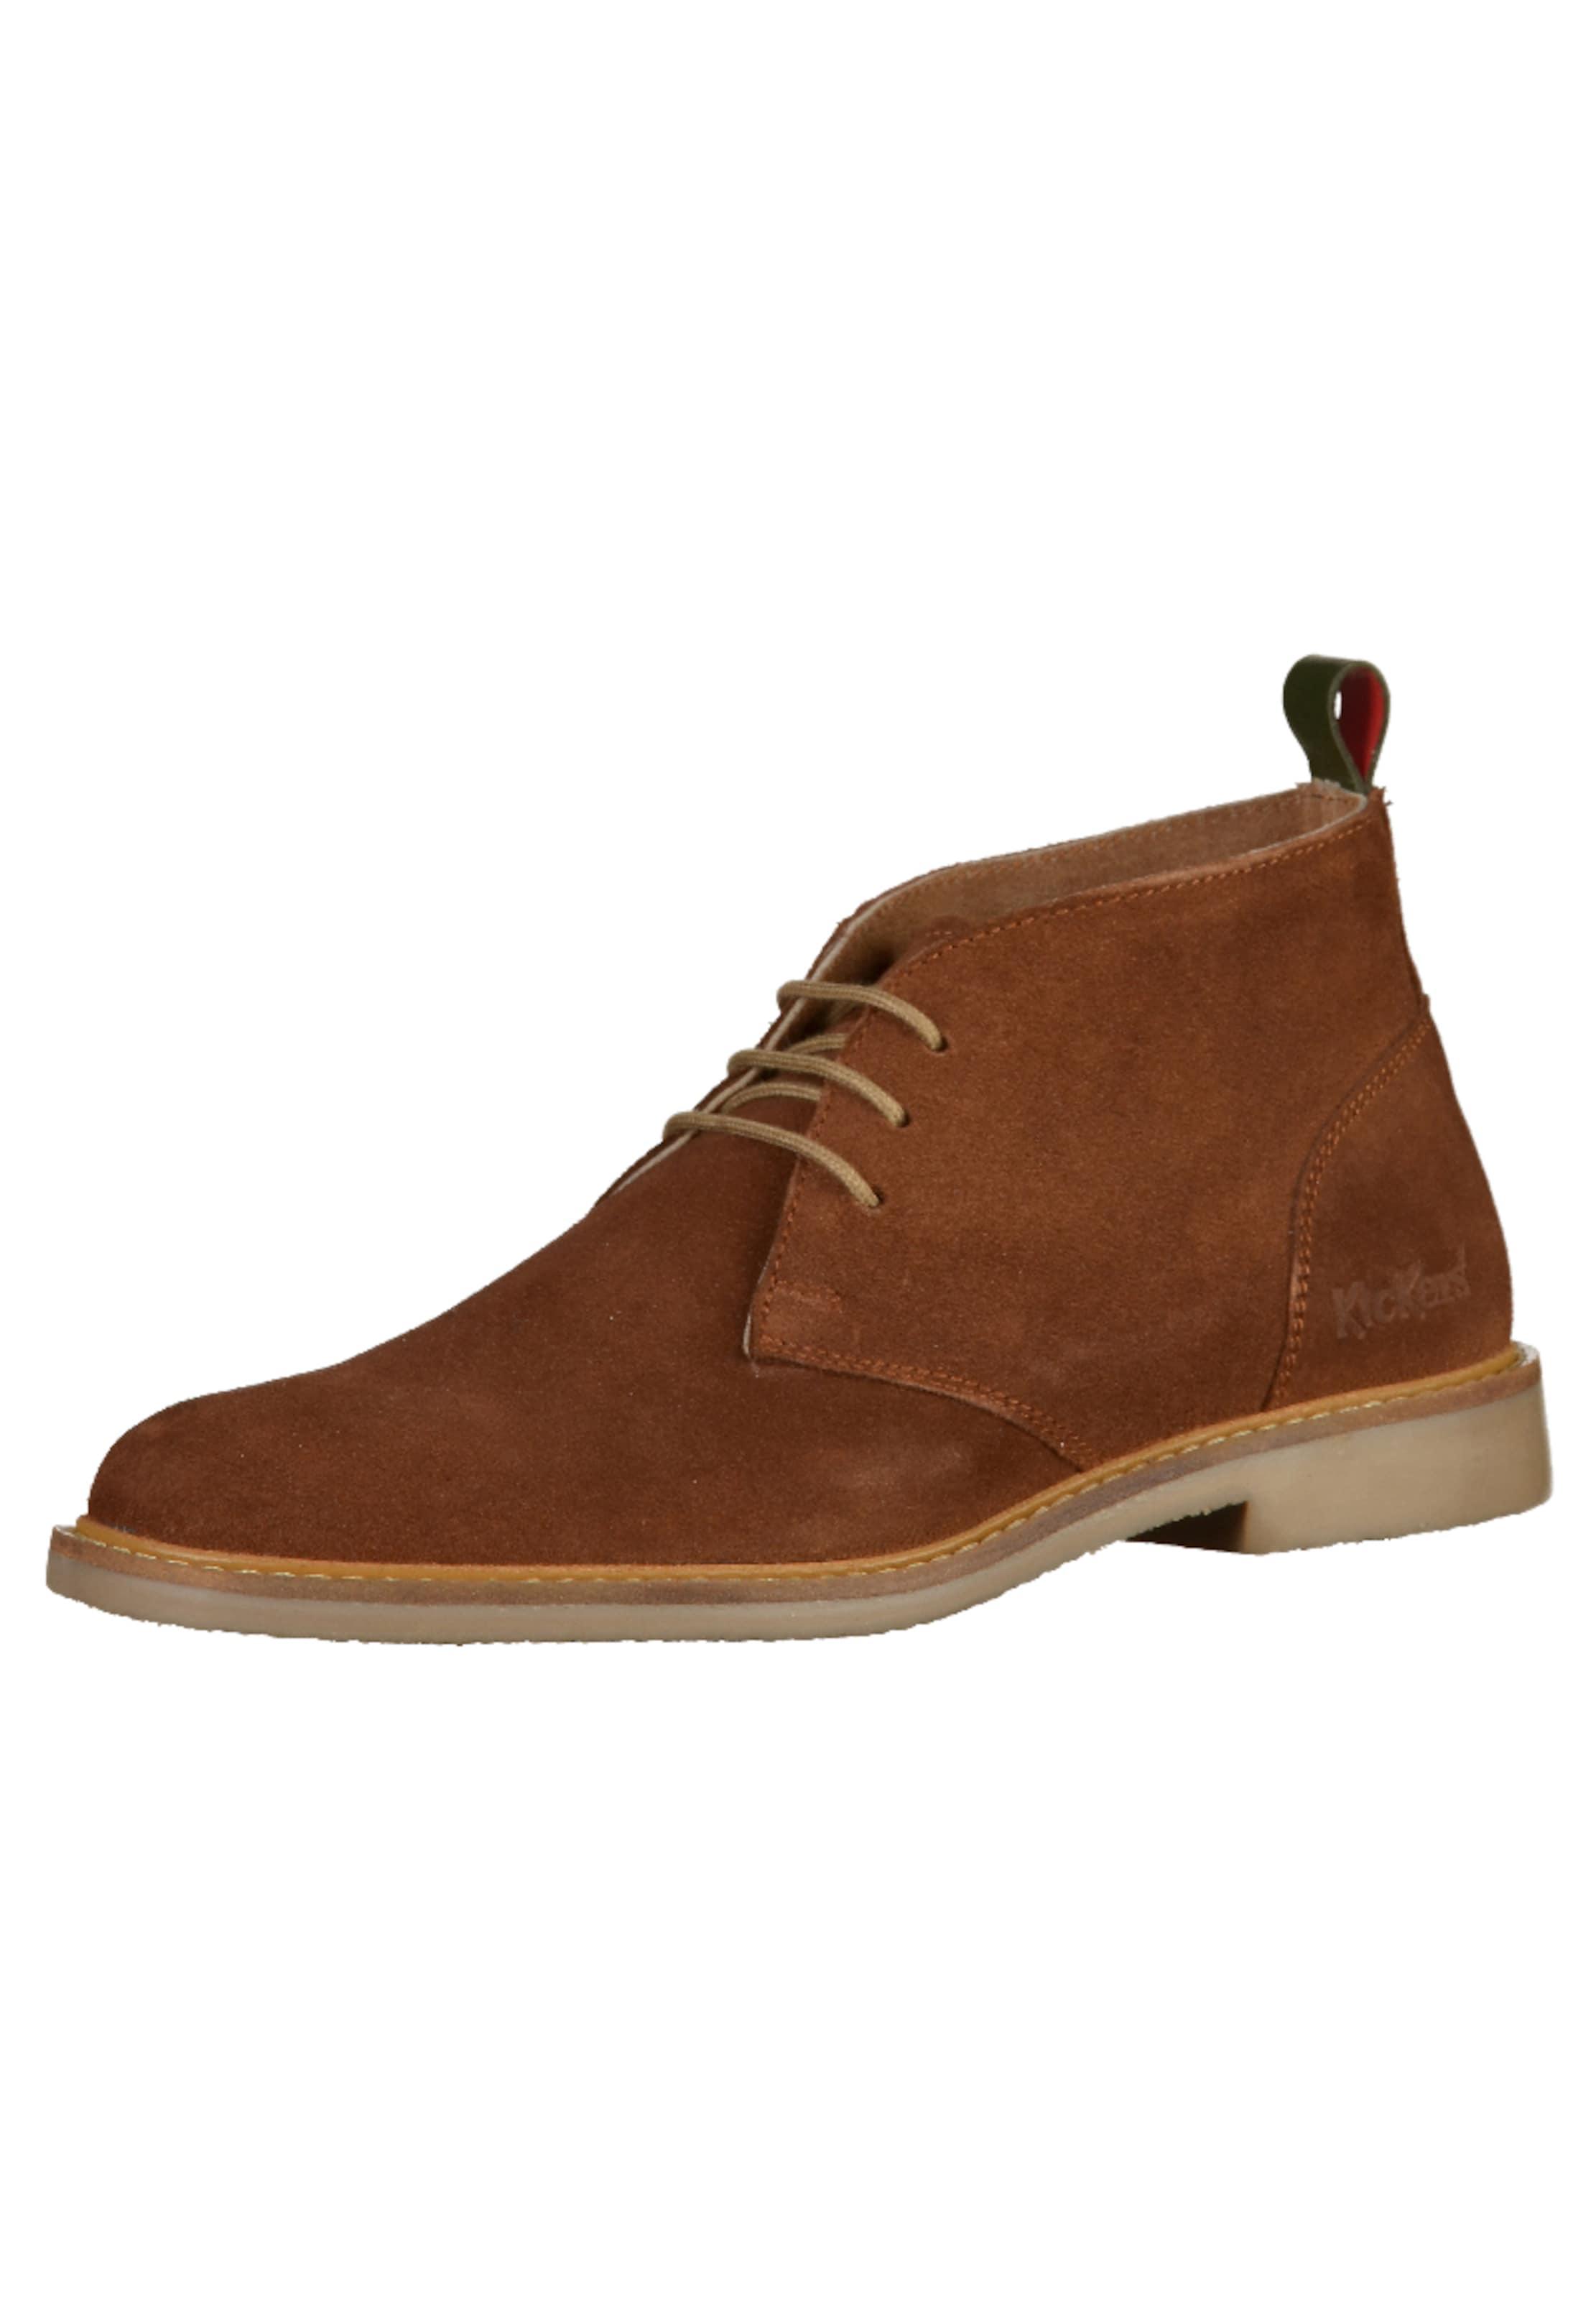 KICKERS Stiefelette Verschleißfeste billige Schuhe Hohe Qualität